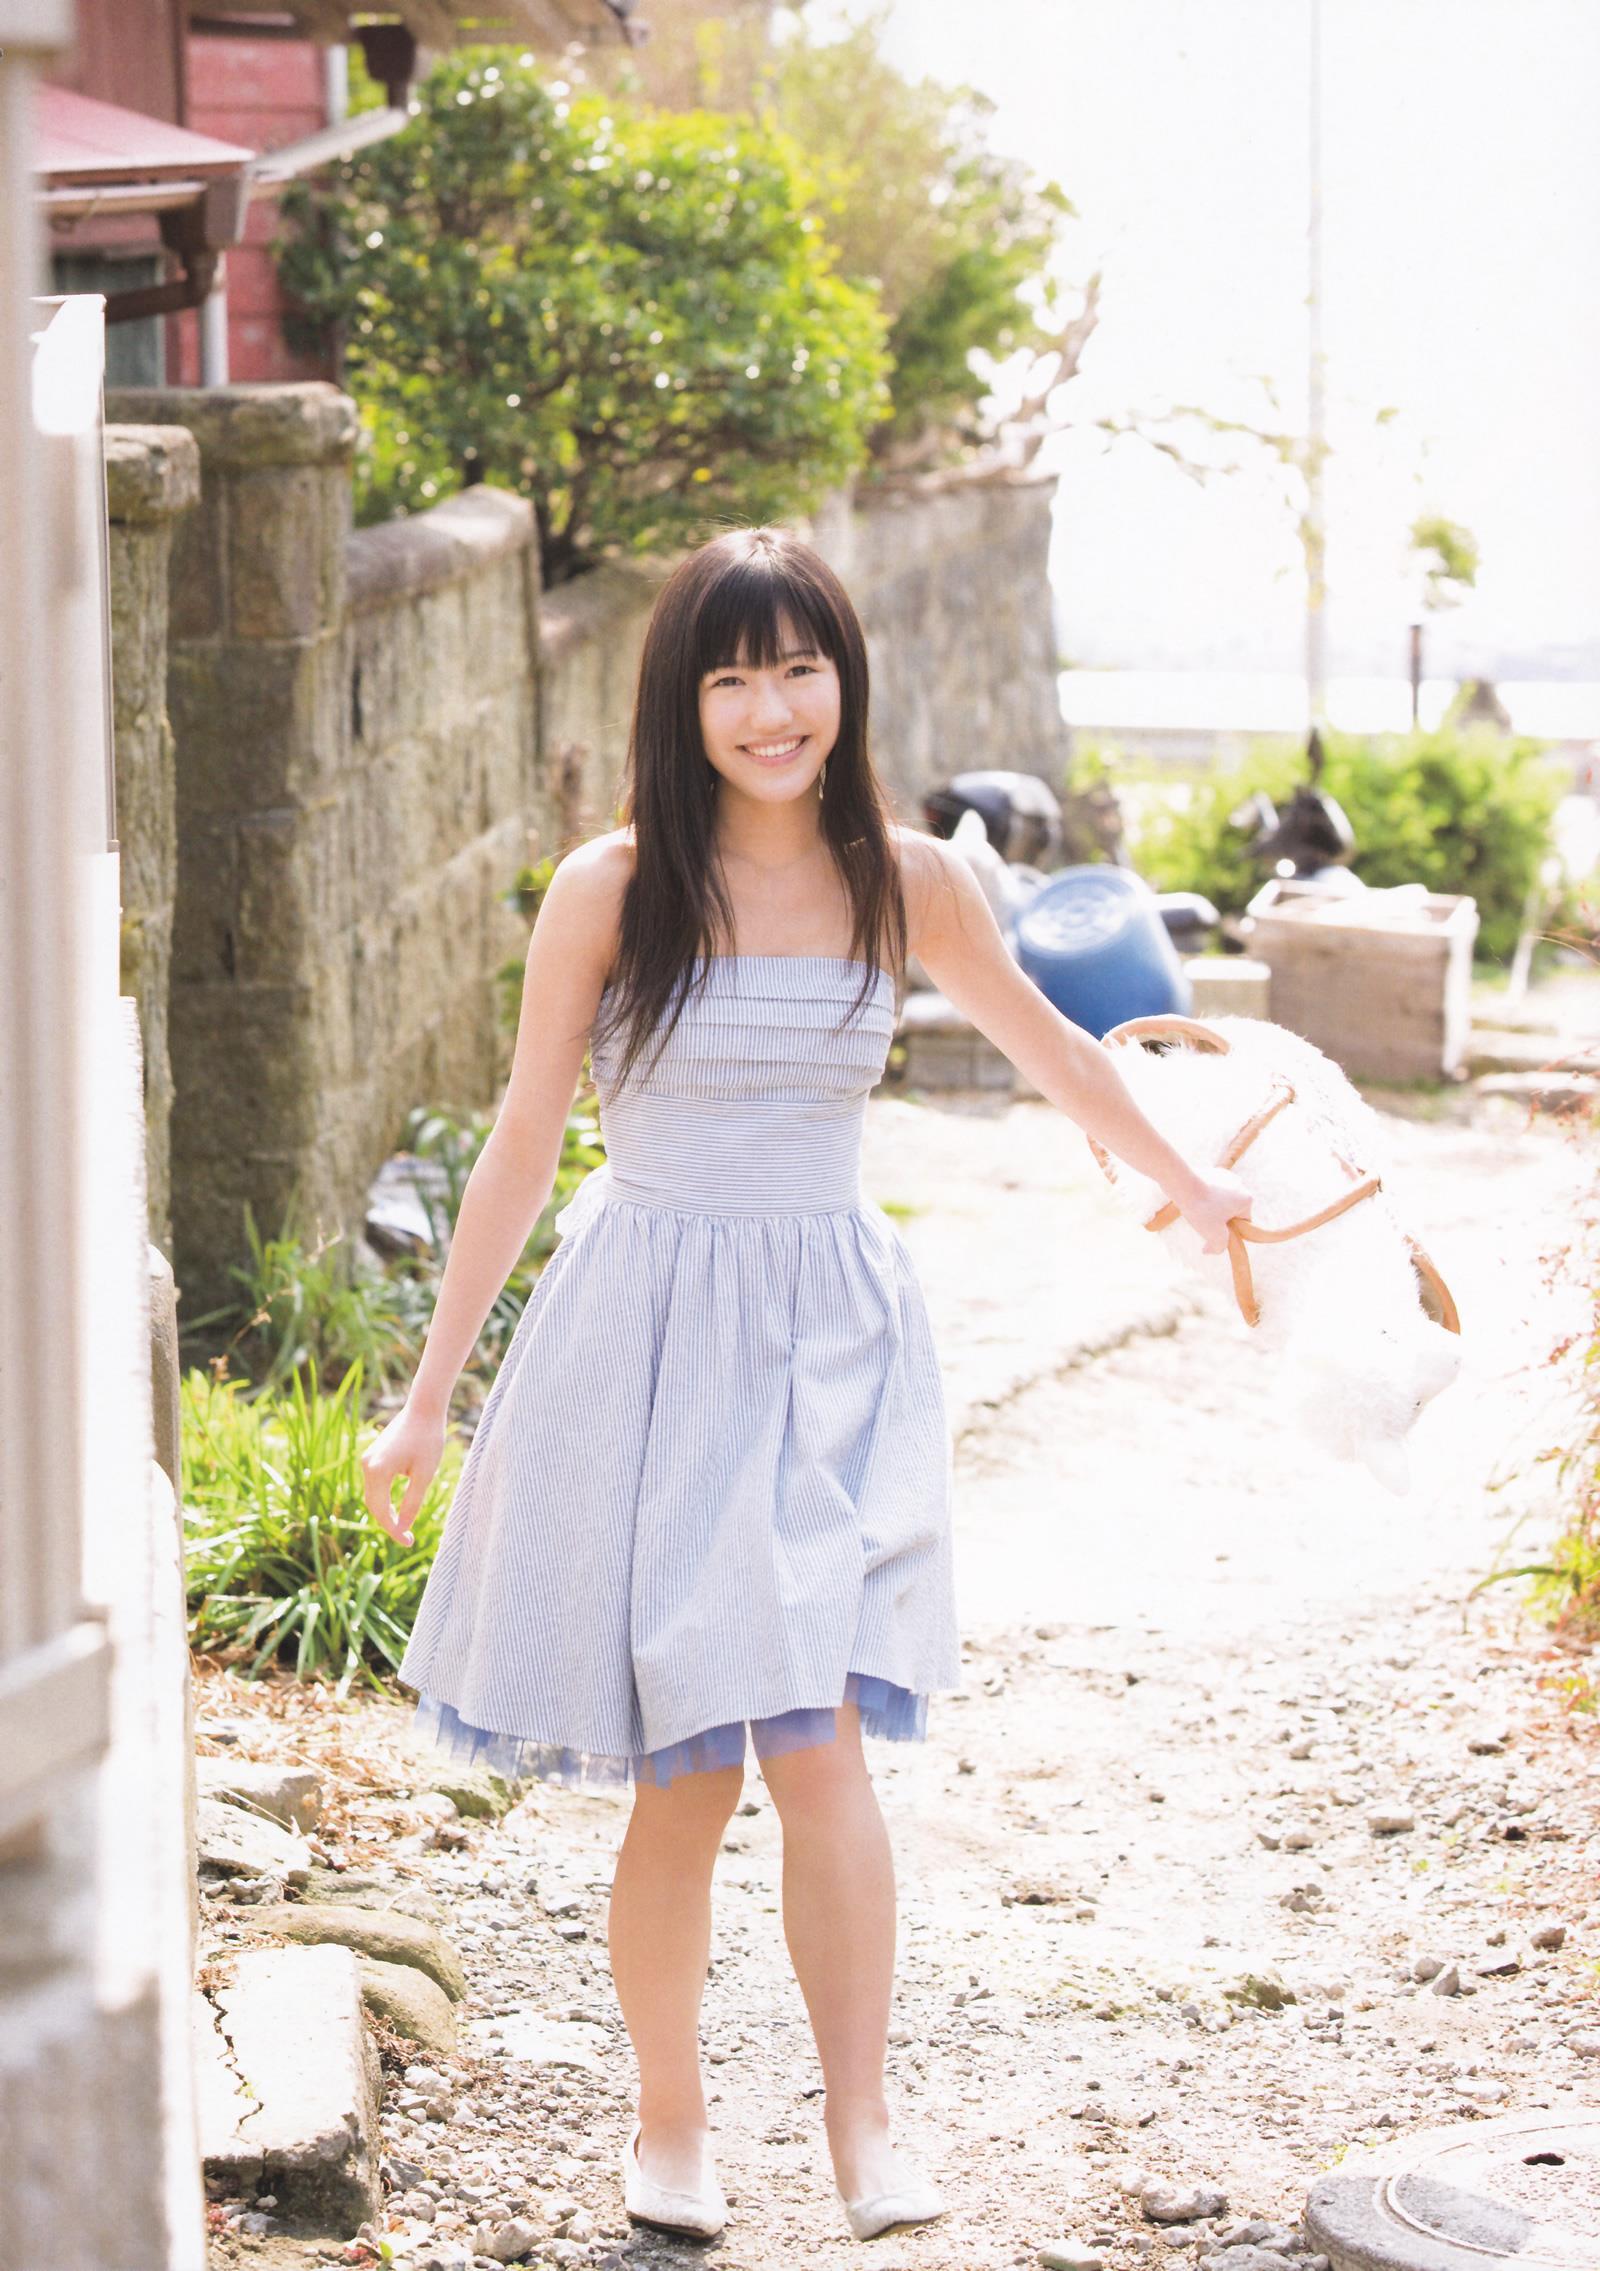 渡辺麻友 写真集「まゆゆ」 画像 36